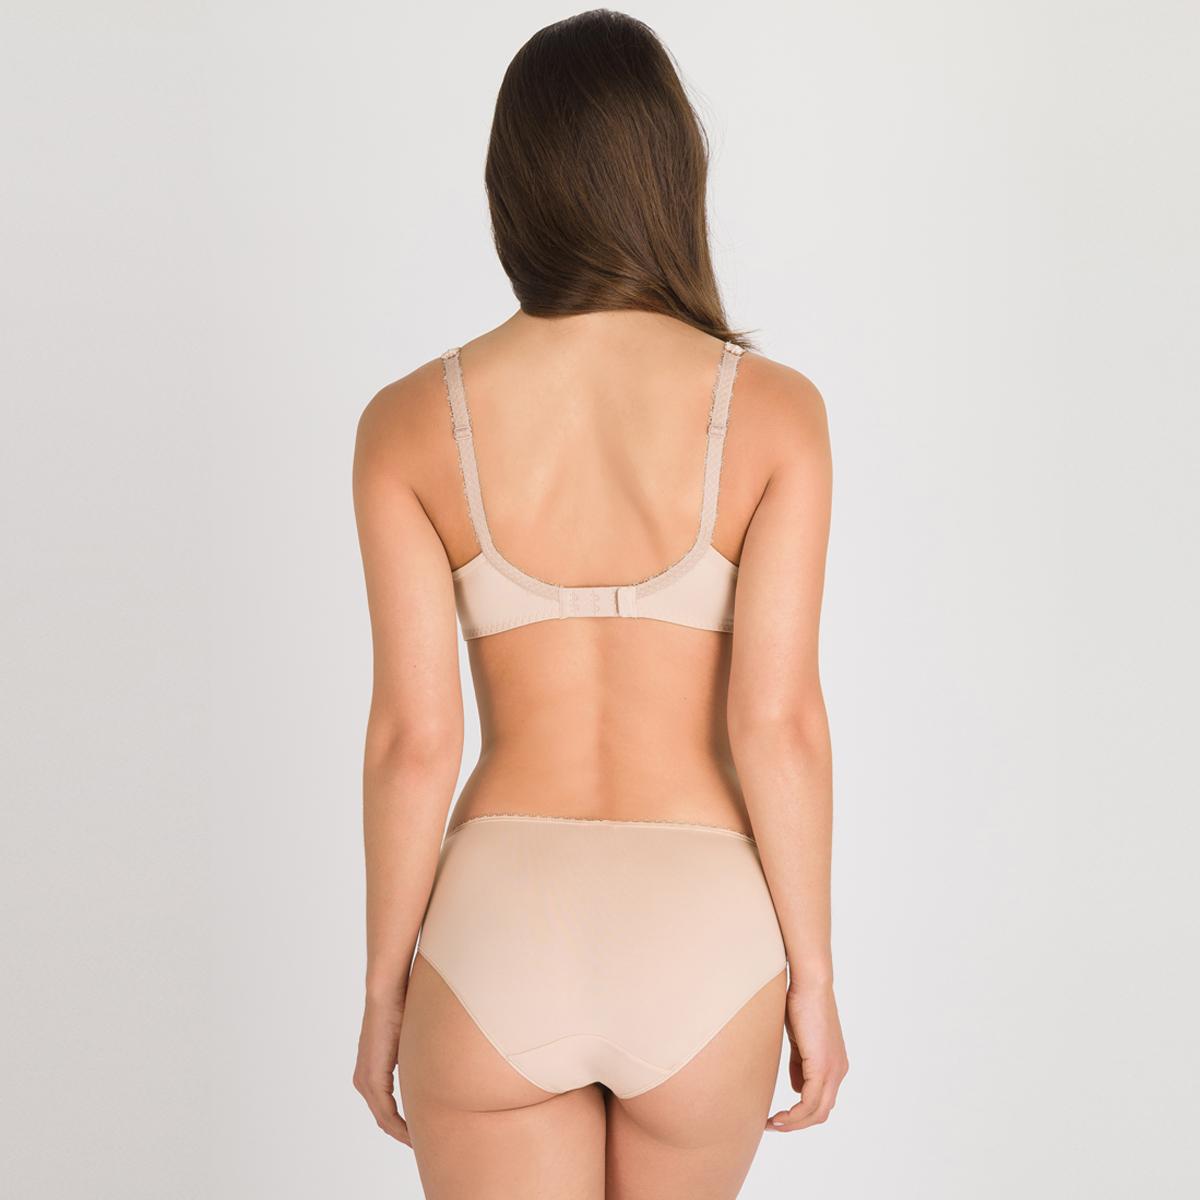 Soutien-gorge spacer beige - Flower Elegance, , PLAYTEX